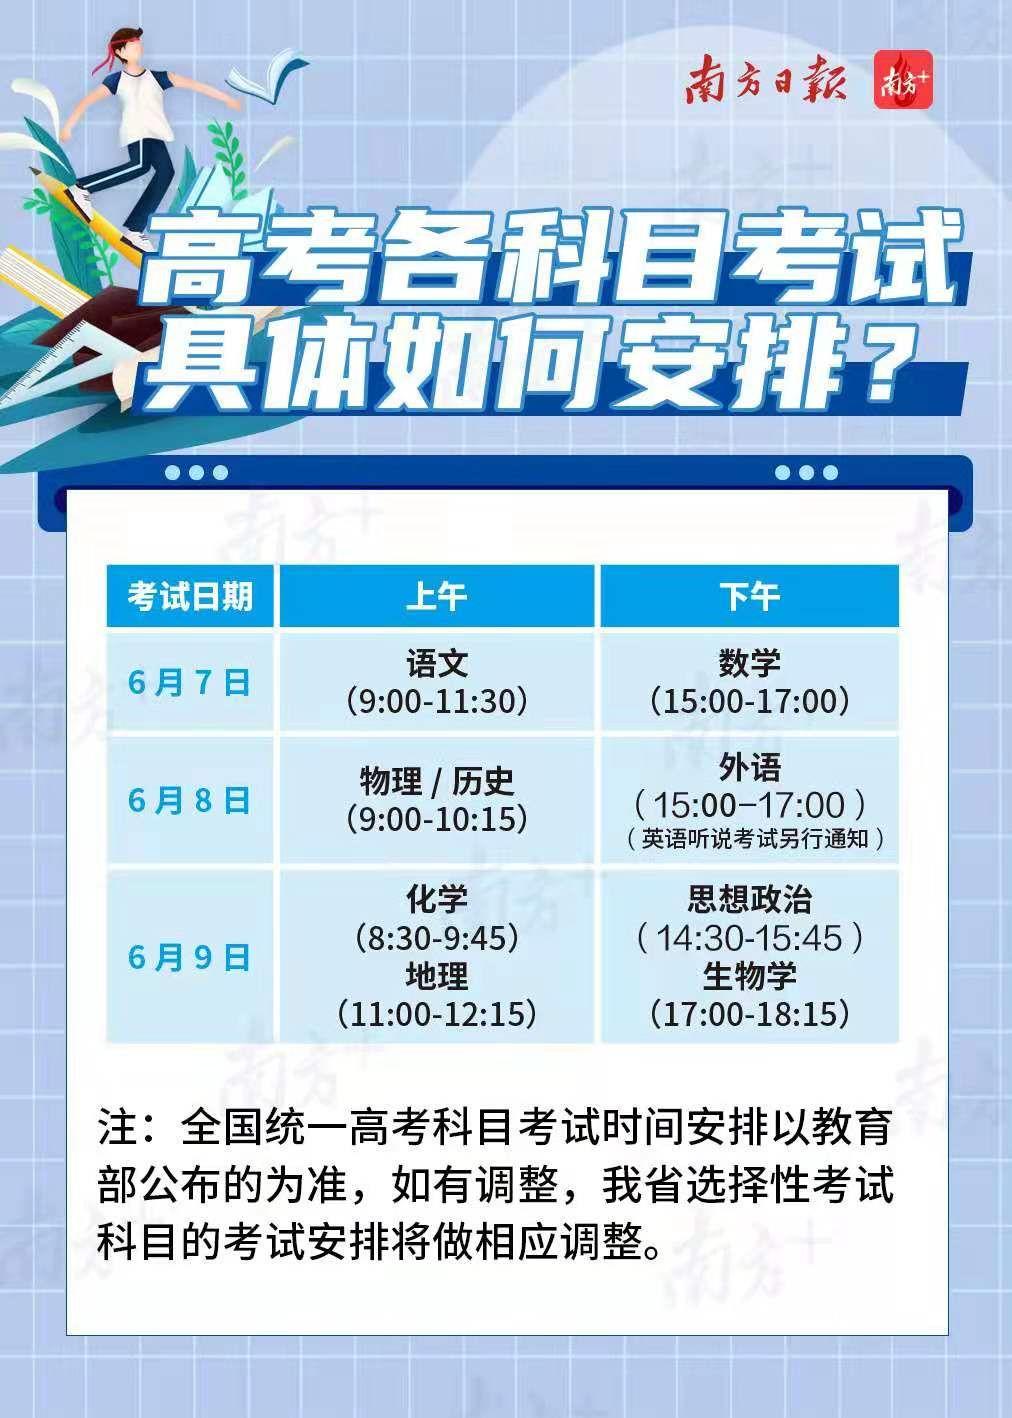 2021年广东高考时间公布,广东考生多考一天!